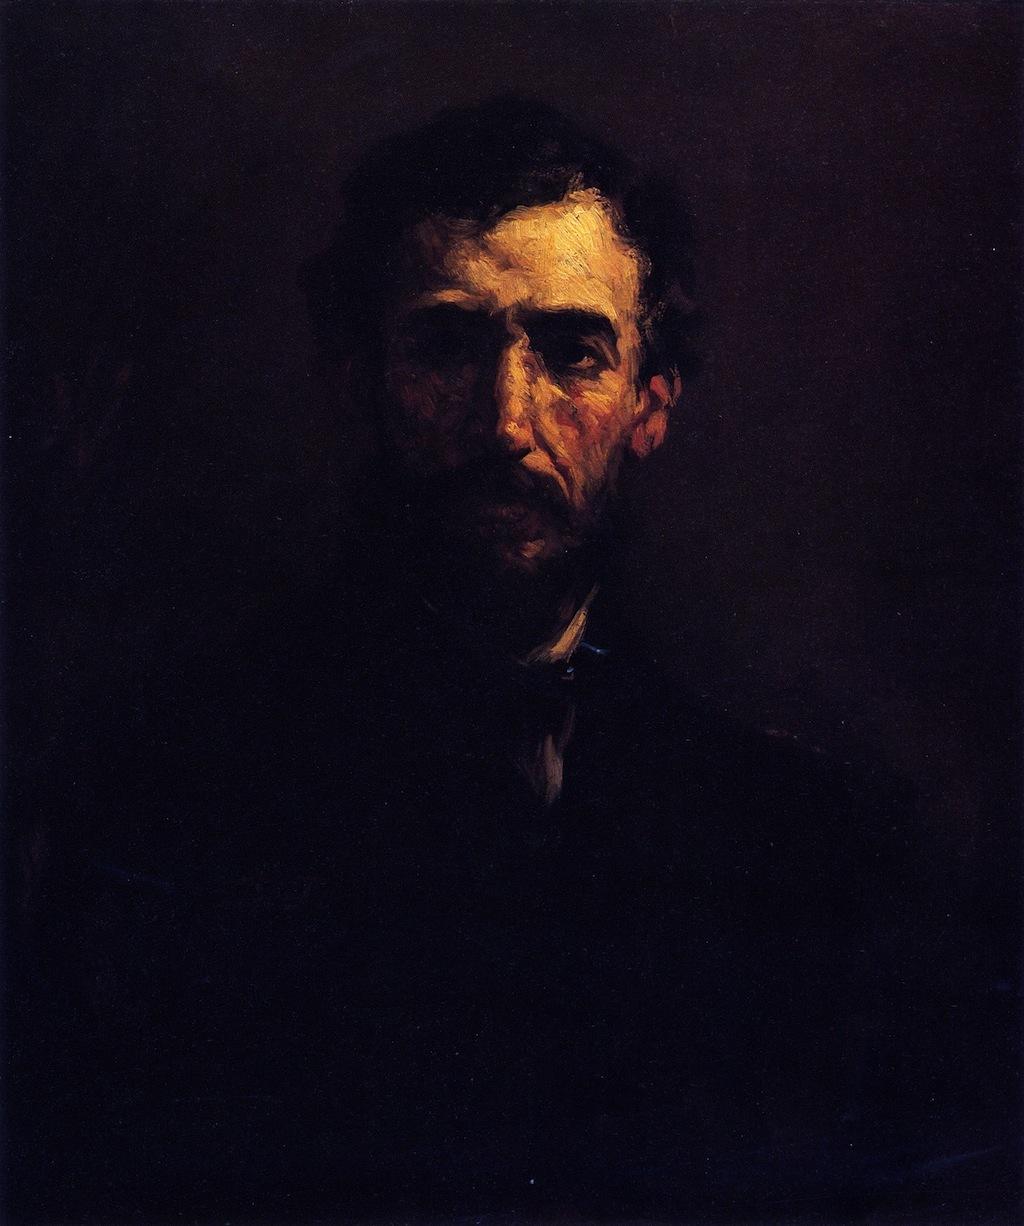 桑福德·r·吉福德_Sanford R. Gifford-伊士曼·约翰逊